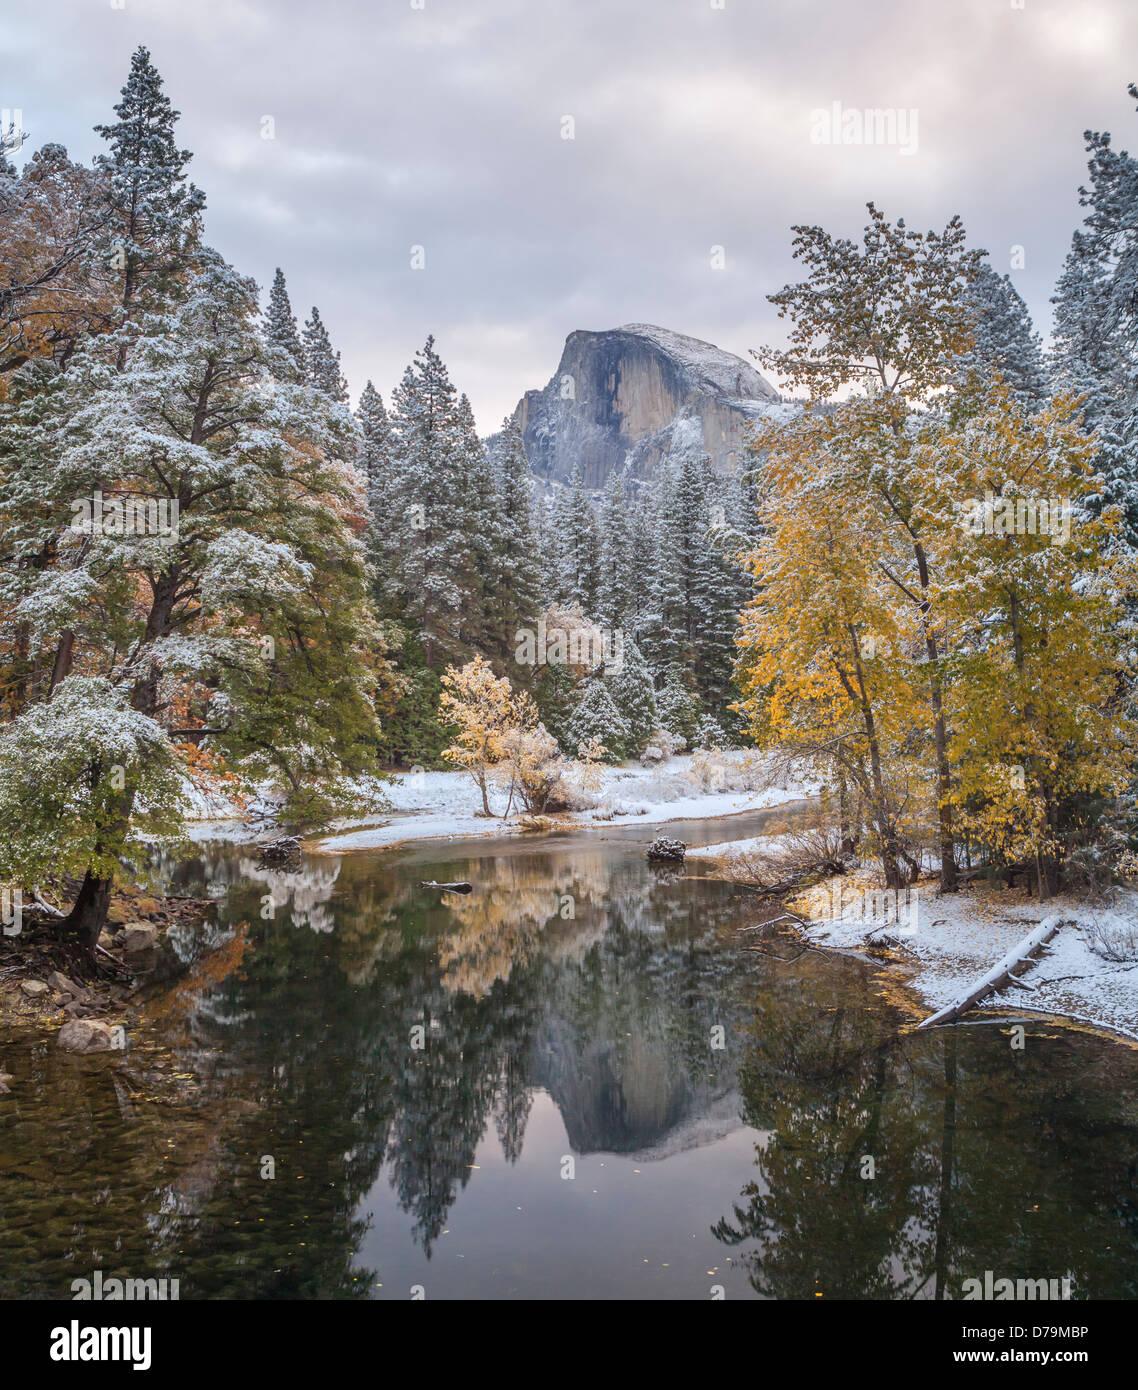 Parque Nacional Yosemite, California: Half Dome, reflexionando sobre el río Merced de nieve fresca en las orillas Imagen De Stock